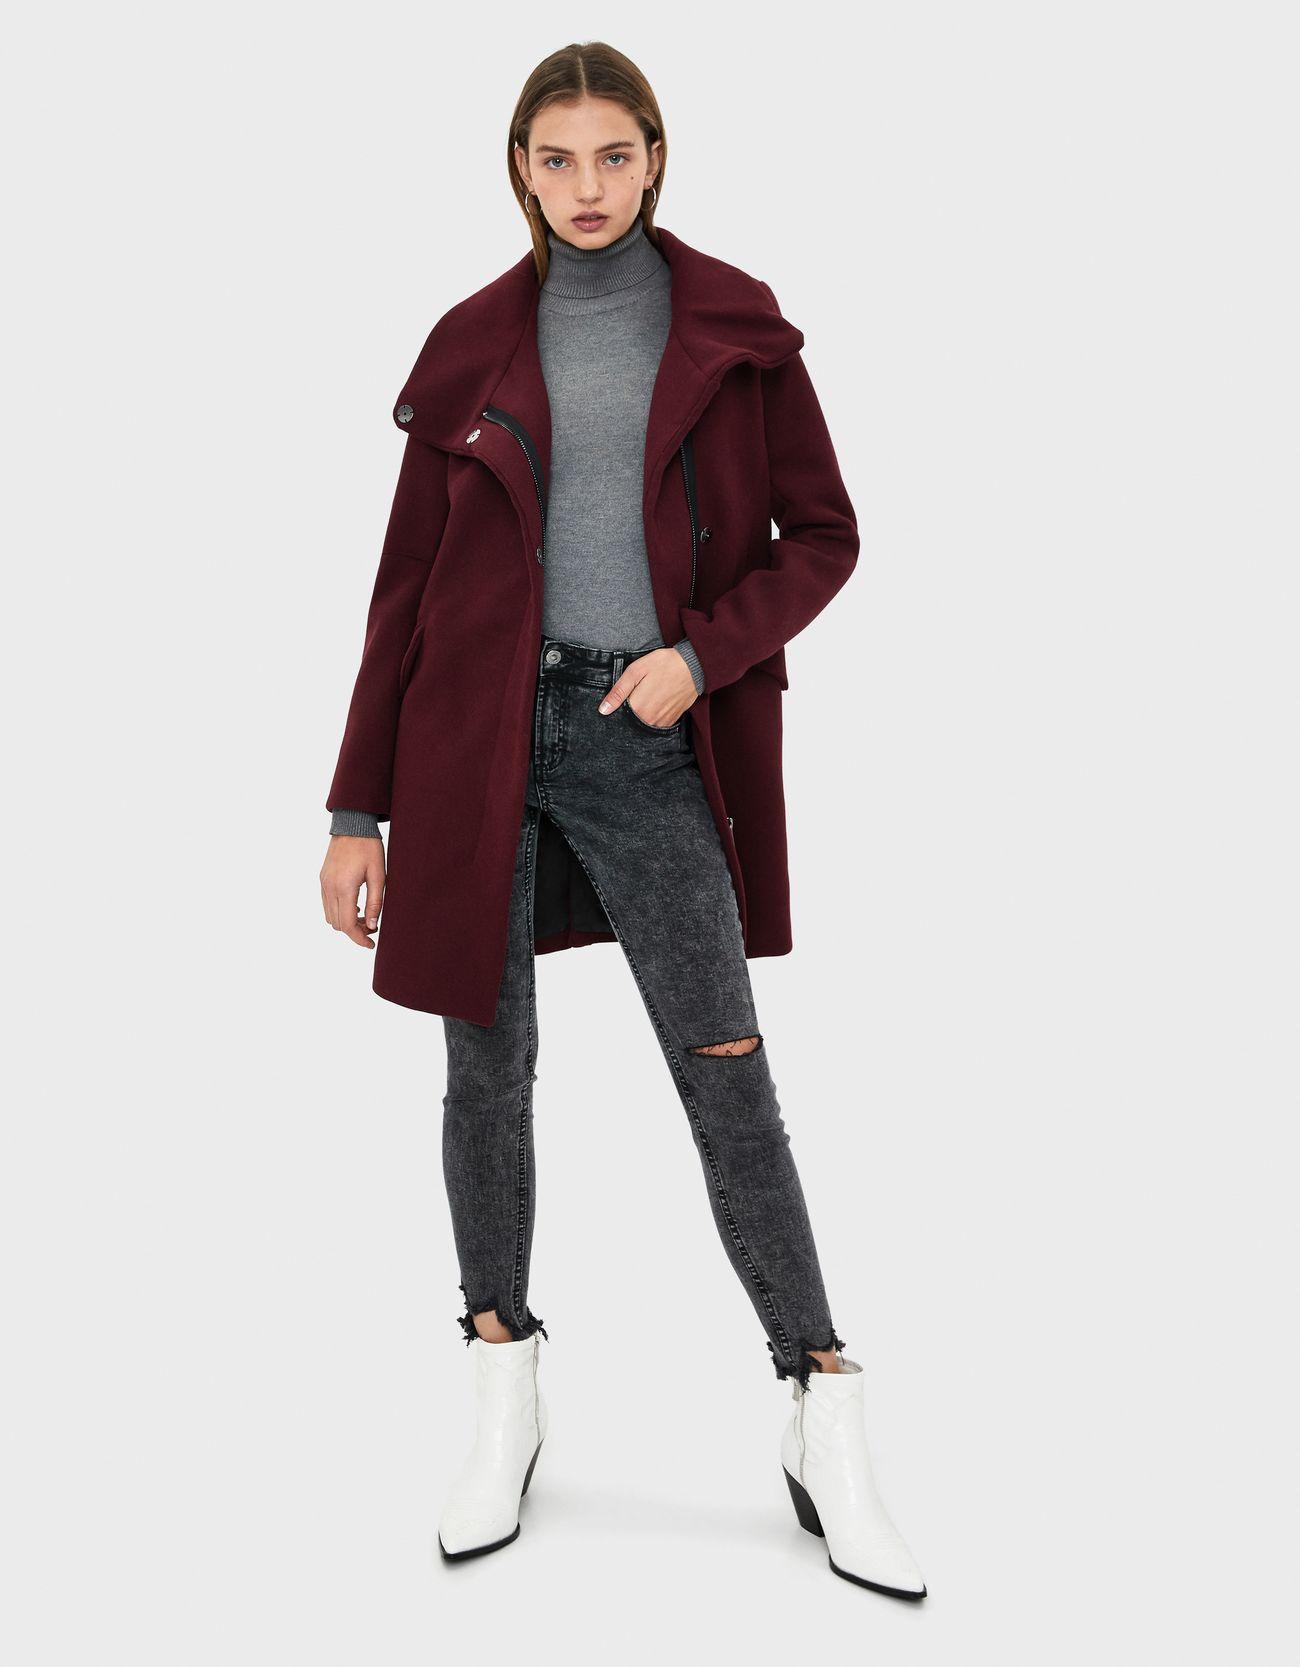 Шерстяное пальто с воротником-стойкой ГРАНАТОВЫЙ Bershka